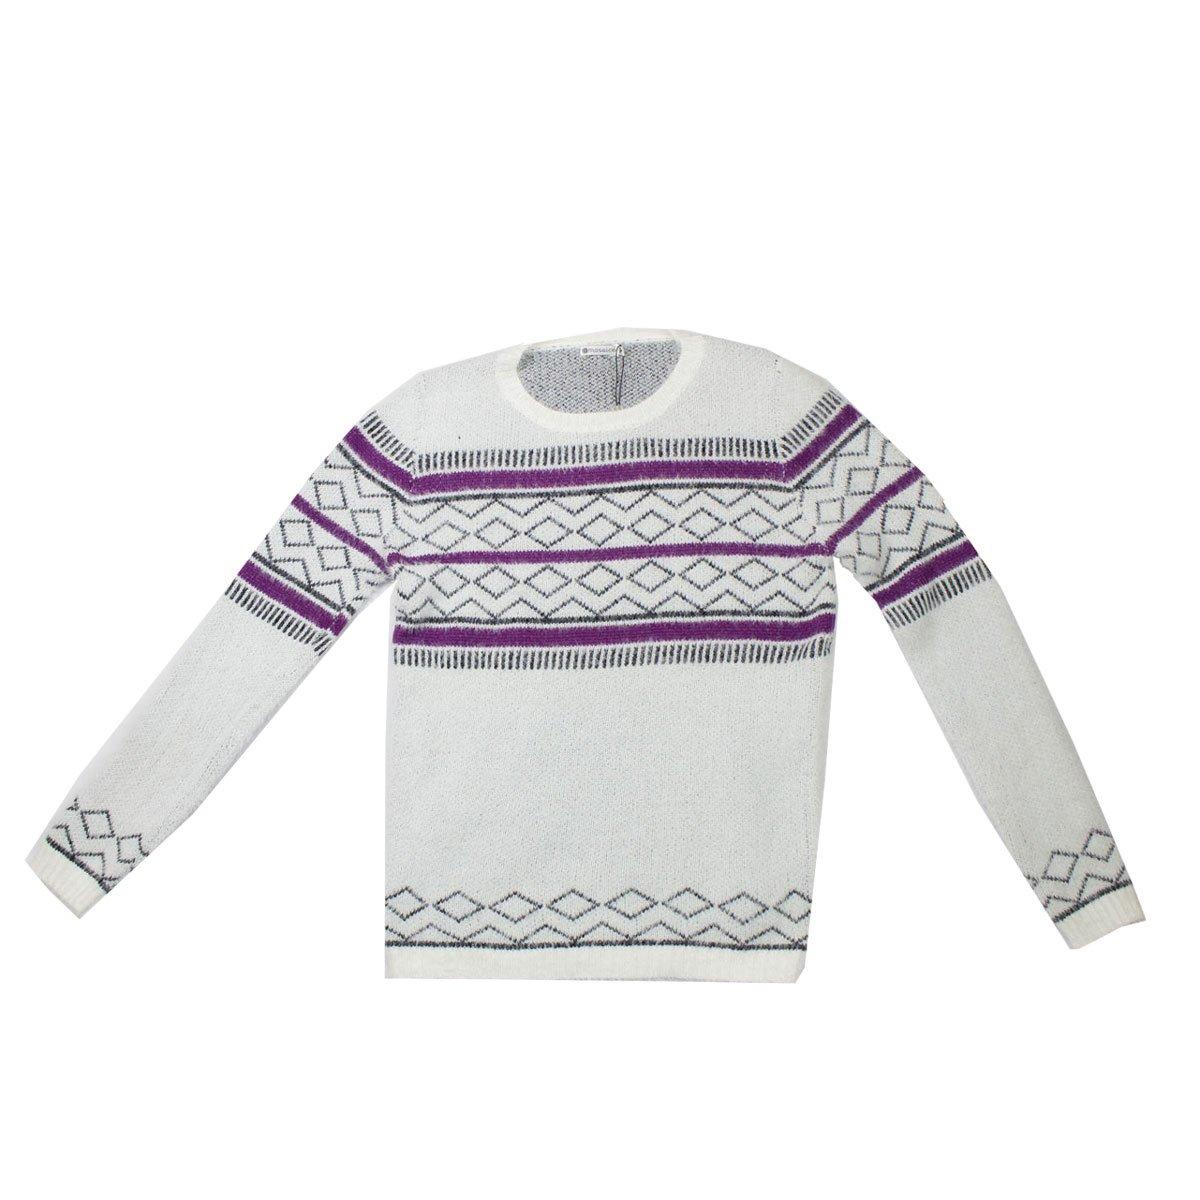 ea27a5d5d7cbf Bizz Store - Blusa De Lã Feminina Mosaico Vip Branca